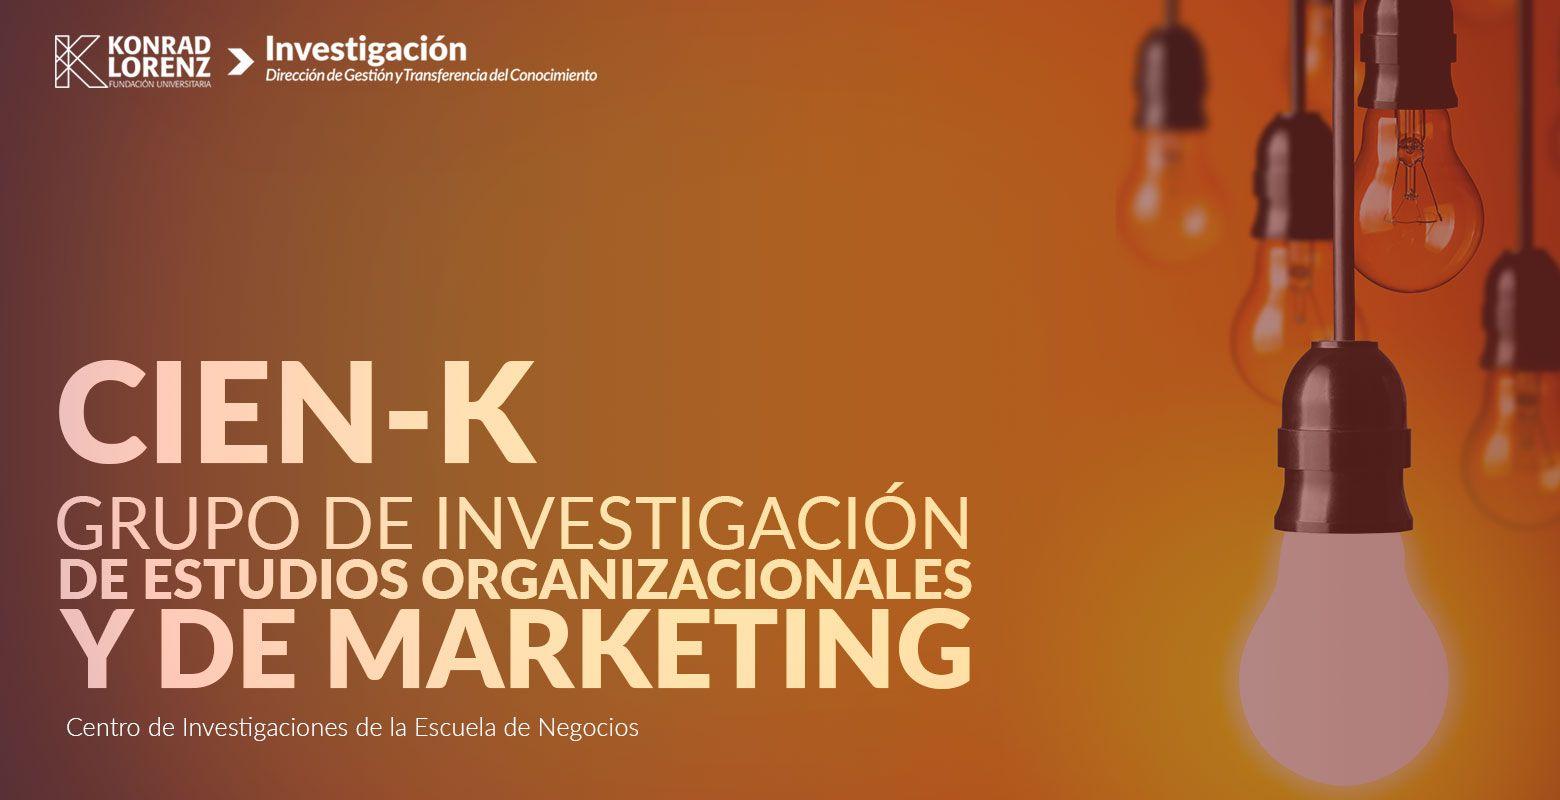 Grupo de Investigación de Estudios Organizacionales y de Marketing CIEN-K